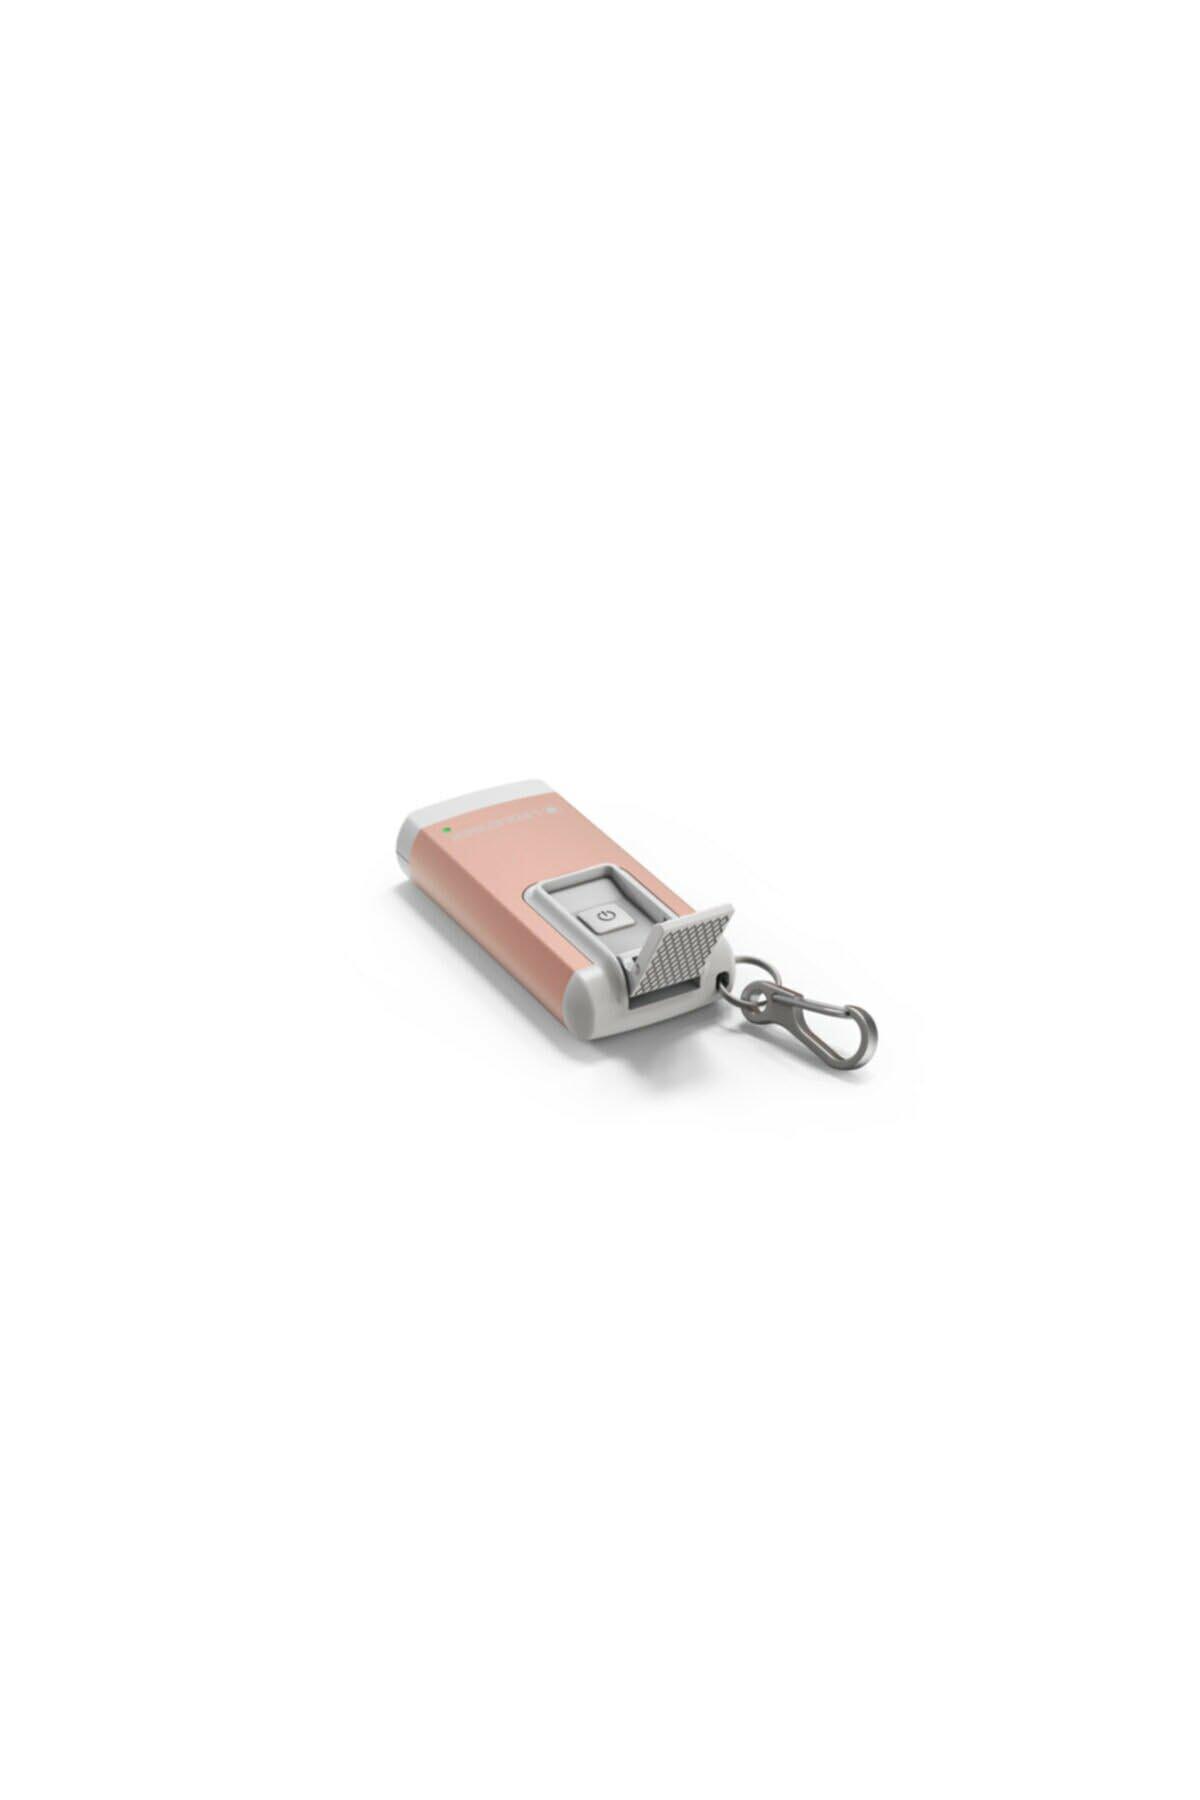 LedLenser K6R Gold  Mini Şarjlı Cep Feneri  LED502578